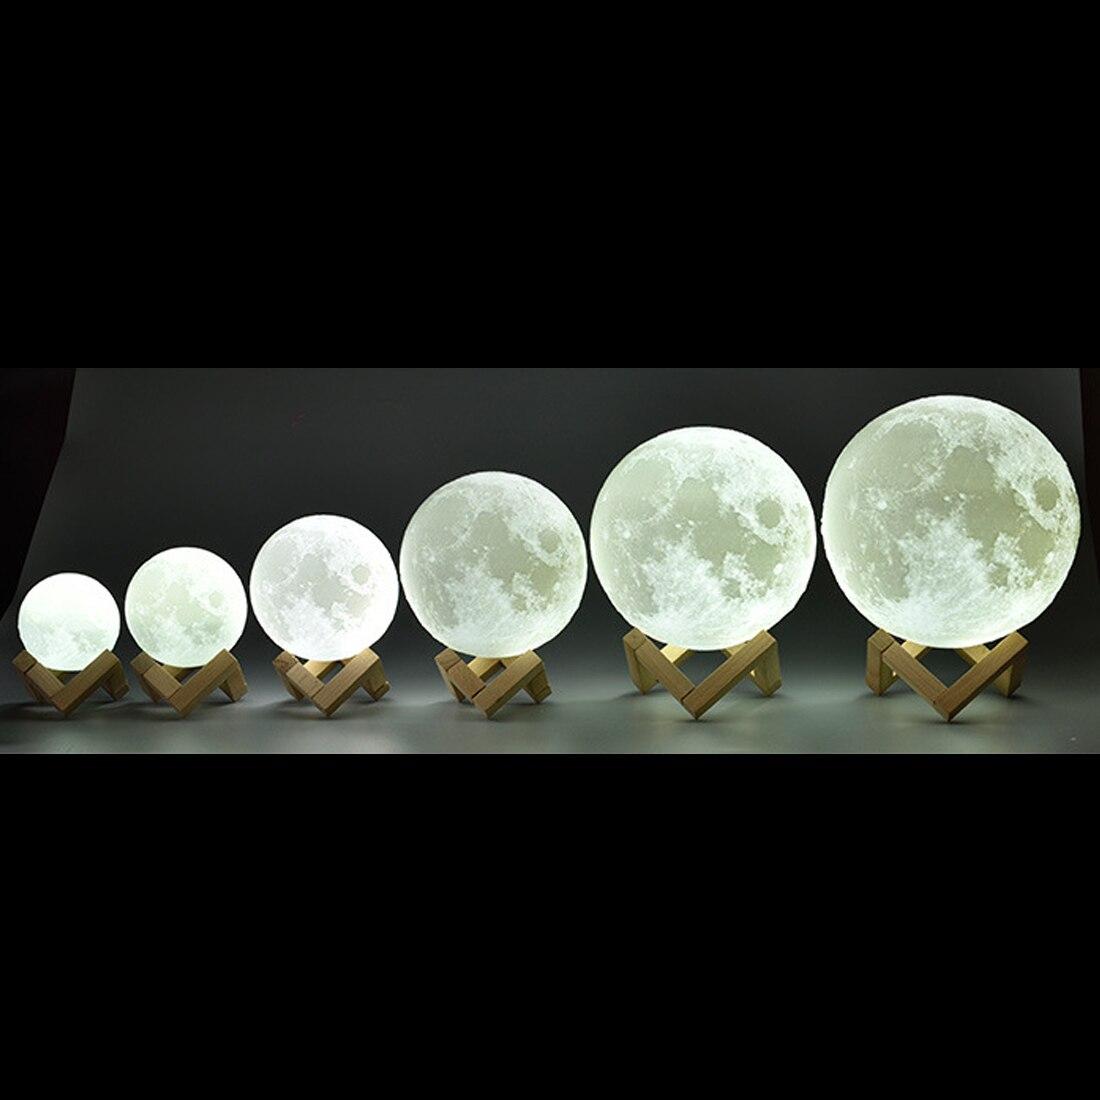 נטענת ירח מנורת 2 צבע שינוי 3D אור מגע מתג 3D הדפסת מנורת ירח כוננית לילה אור Creative מתנות